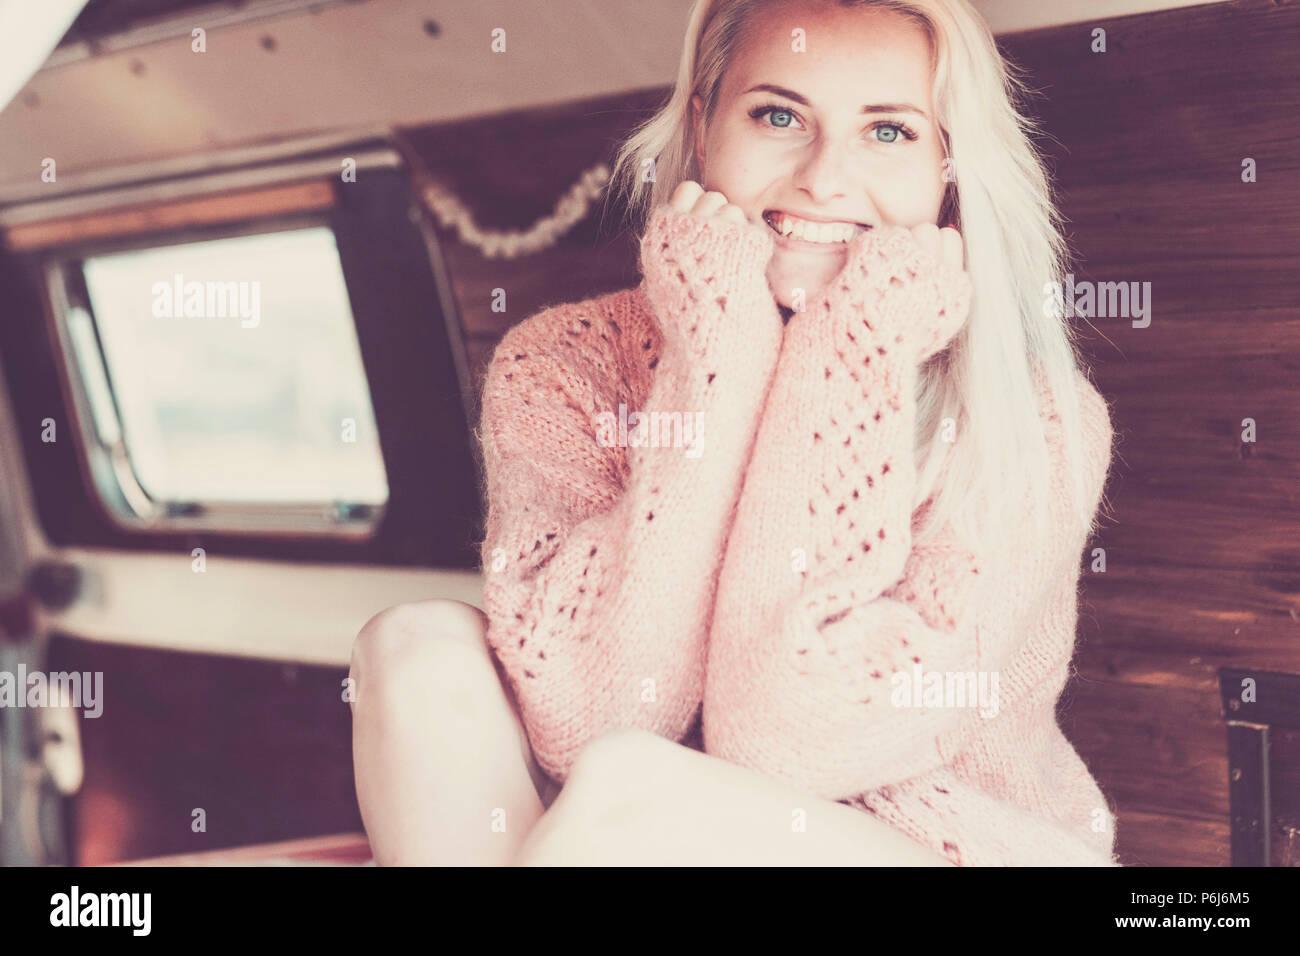 Schöne blonde Modell weiß kaukasische Haut mit Schönheit Gesicht lächeln auf Sie schauen in die Kamera. in einem Van mit Holz innen Bereit zu Reisen sitzen Stockbild